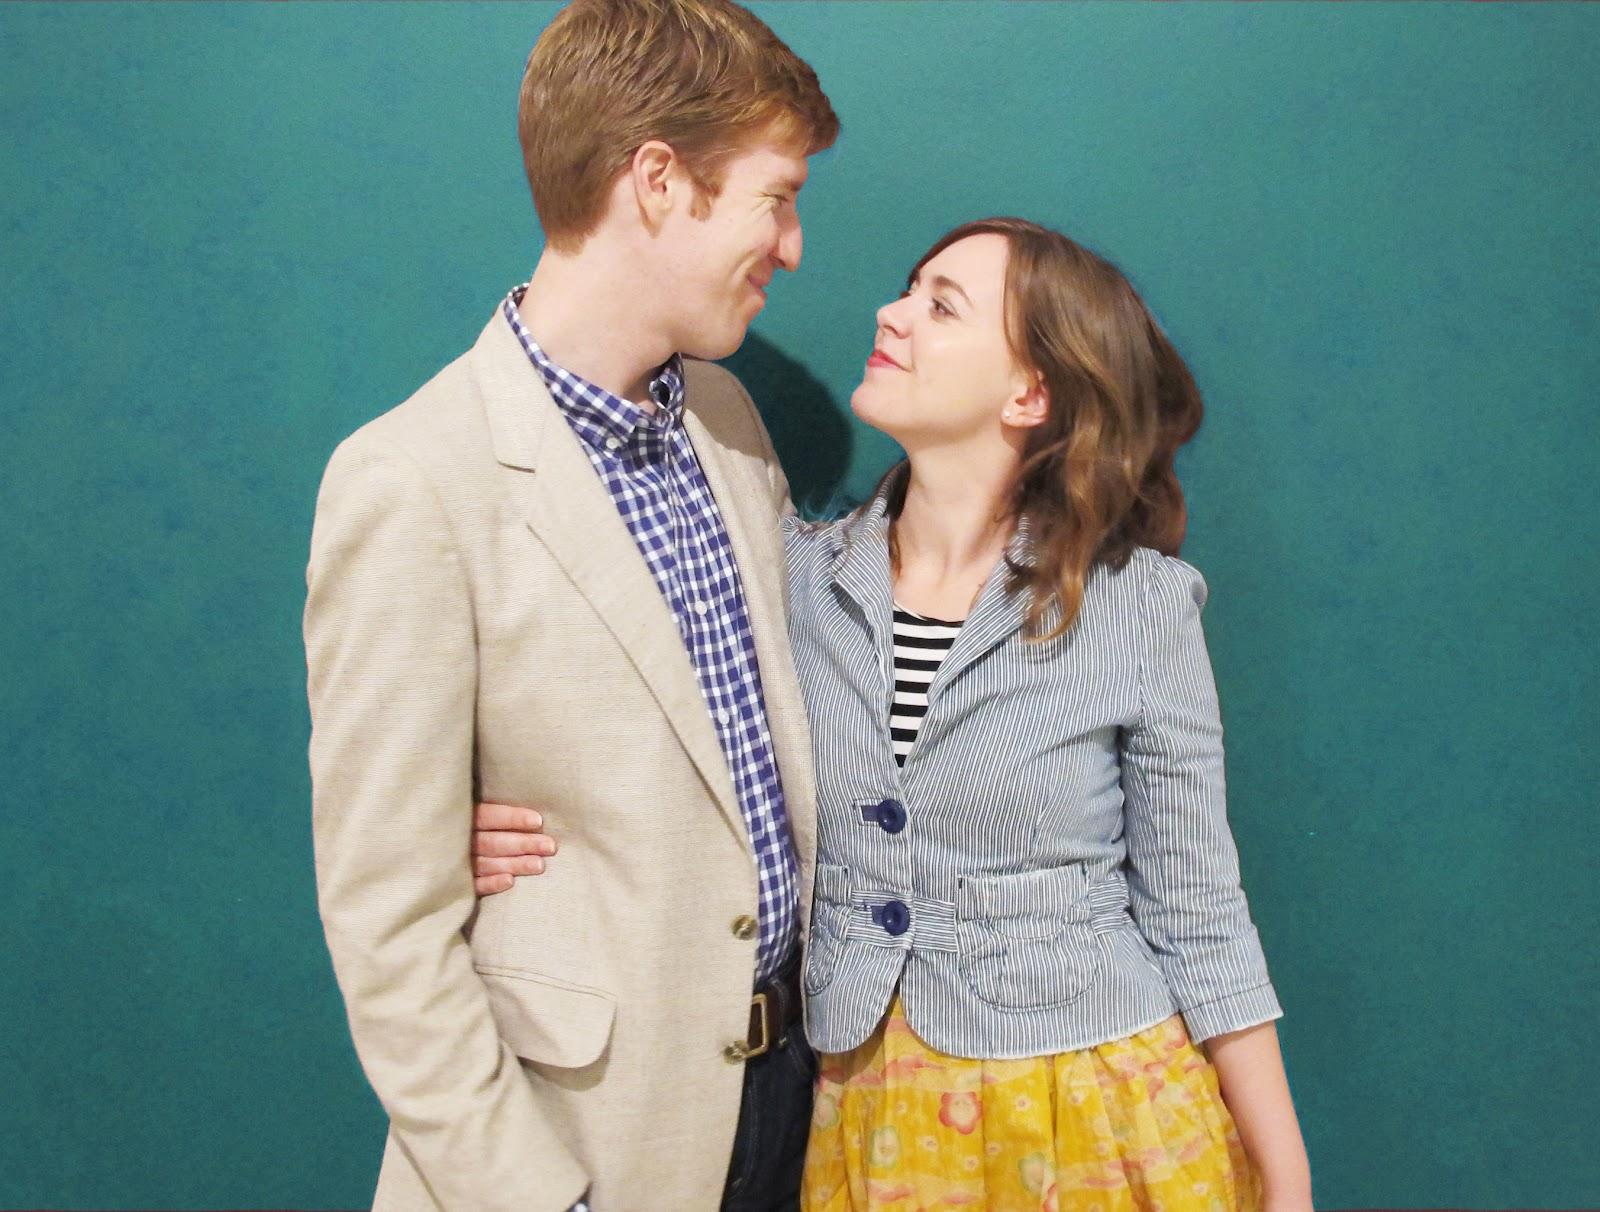 Wedding details | Brendan & Sierra Get Married!